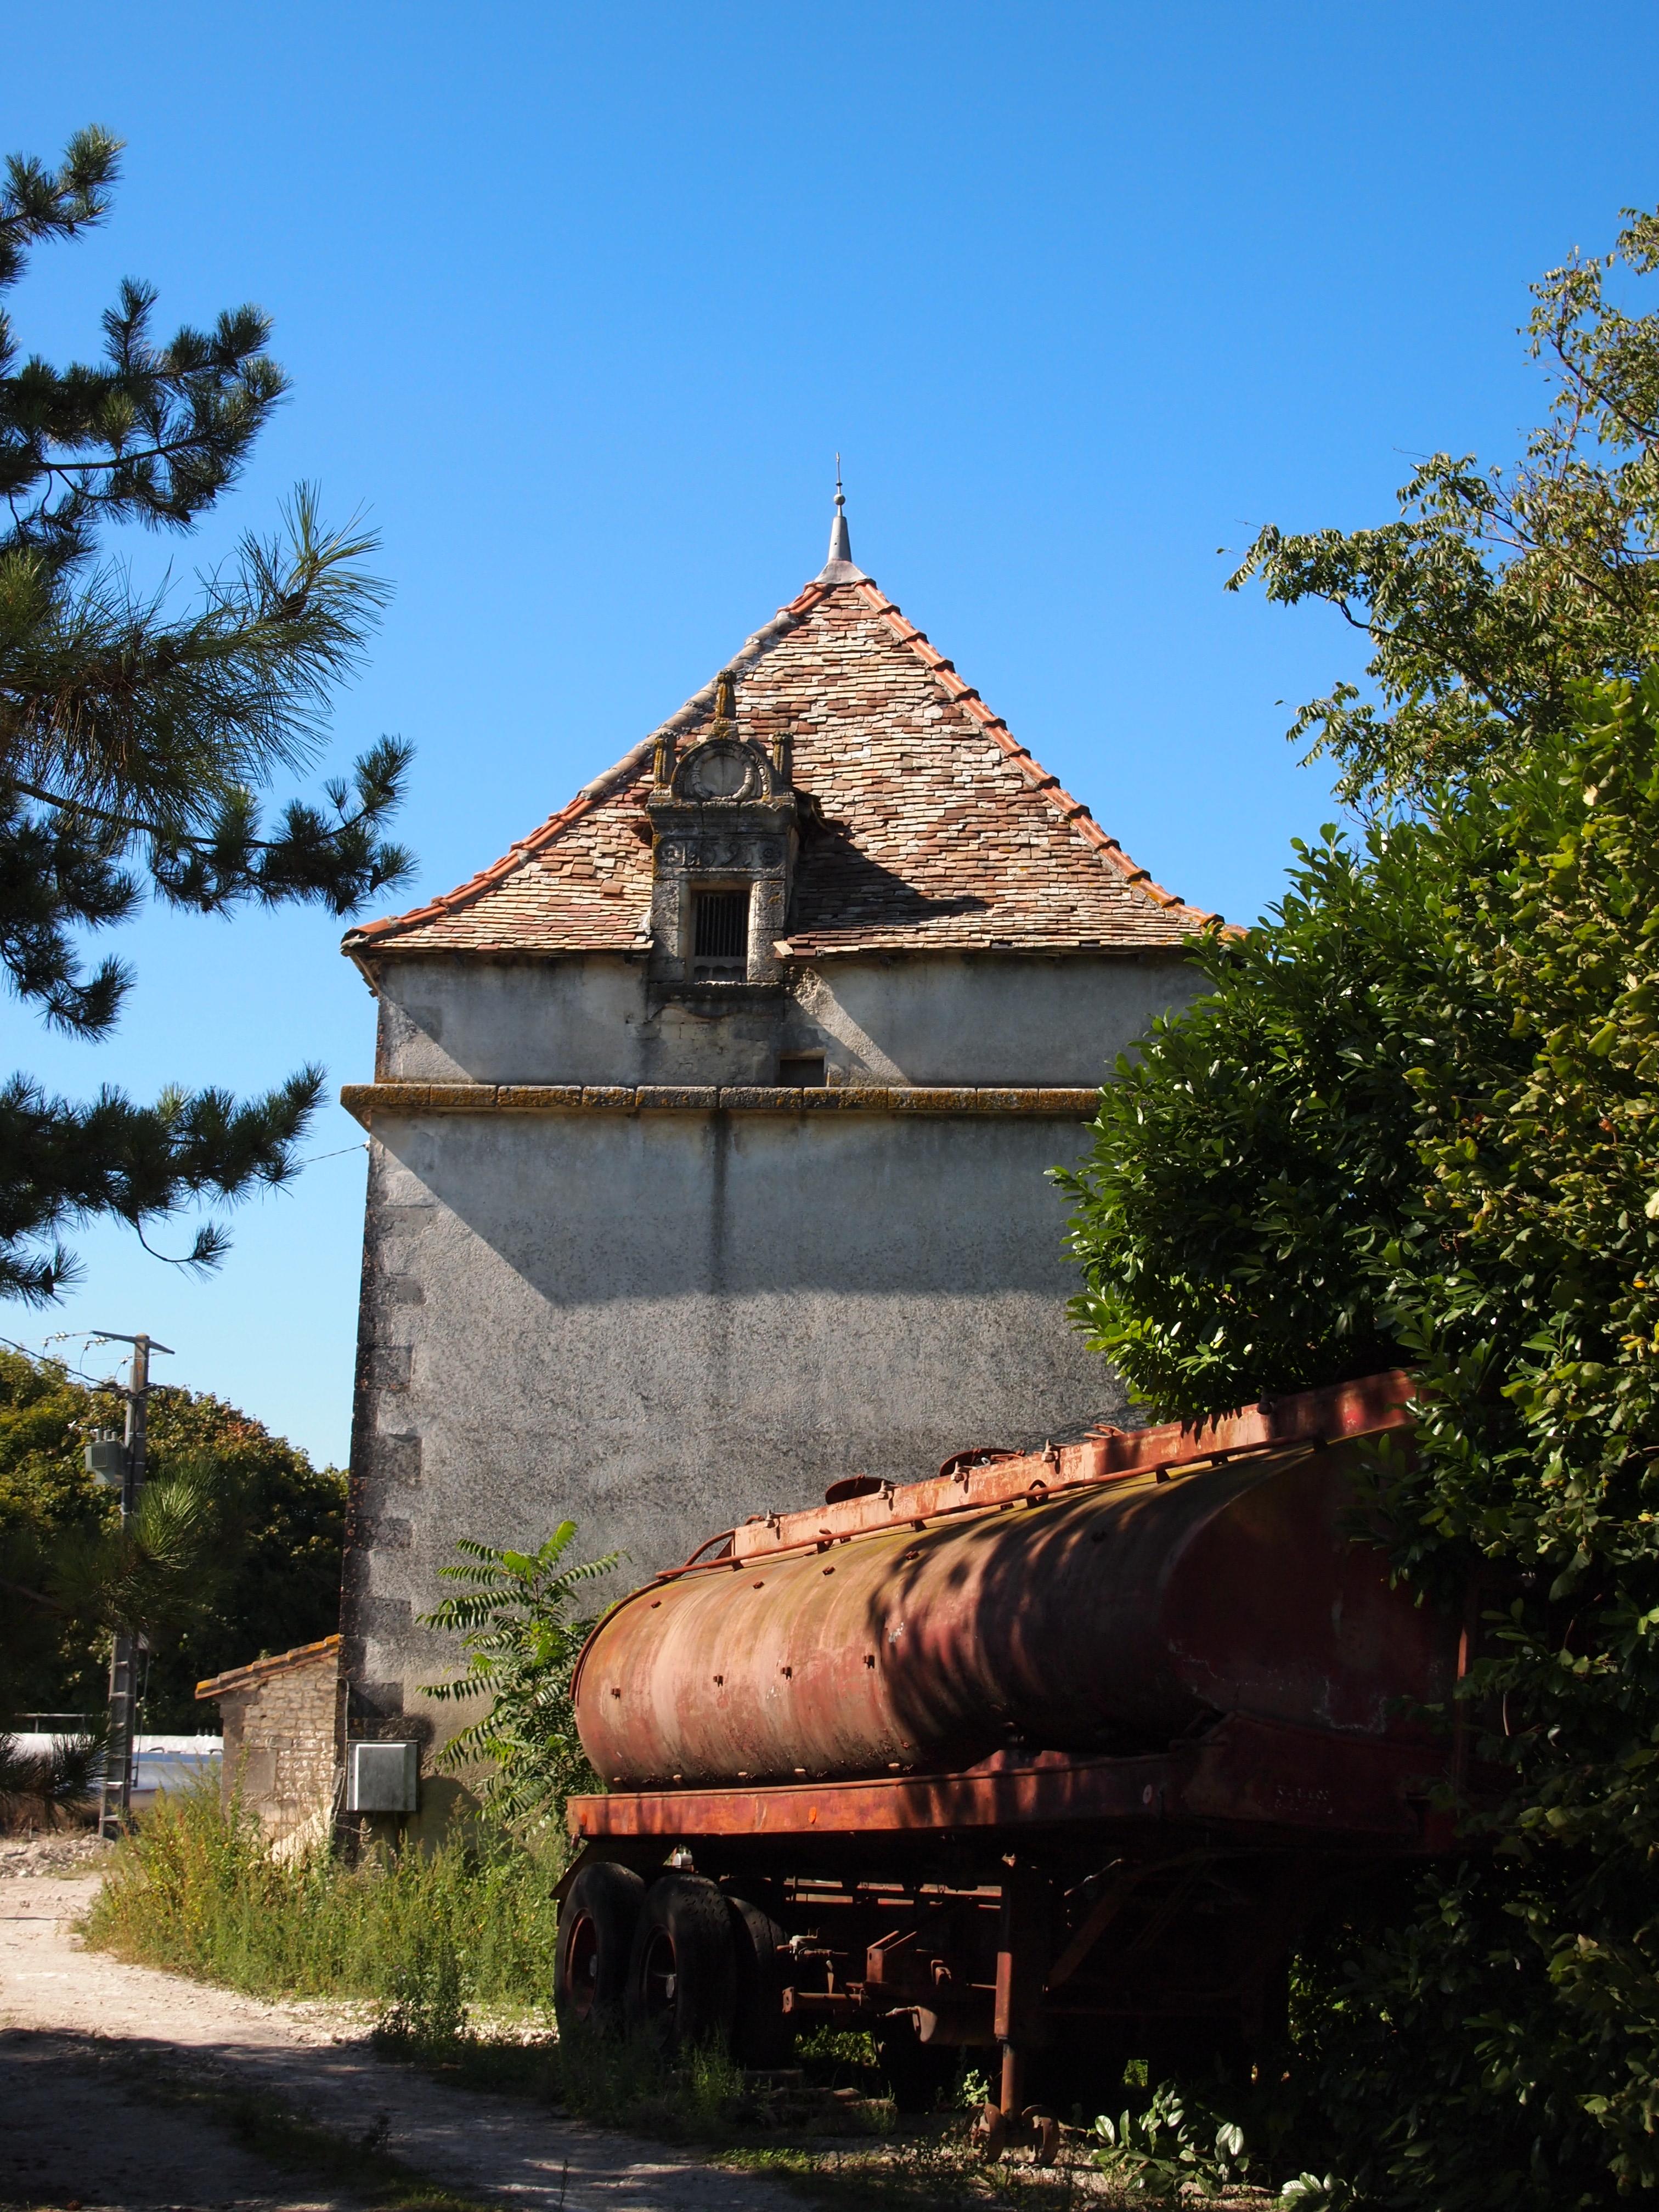 Rochefort u s a friendship les pigeonniers de charente for Architecture symbolique